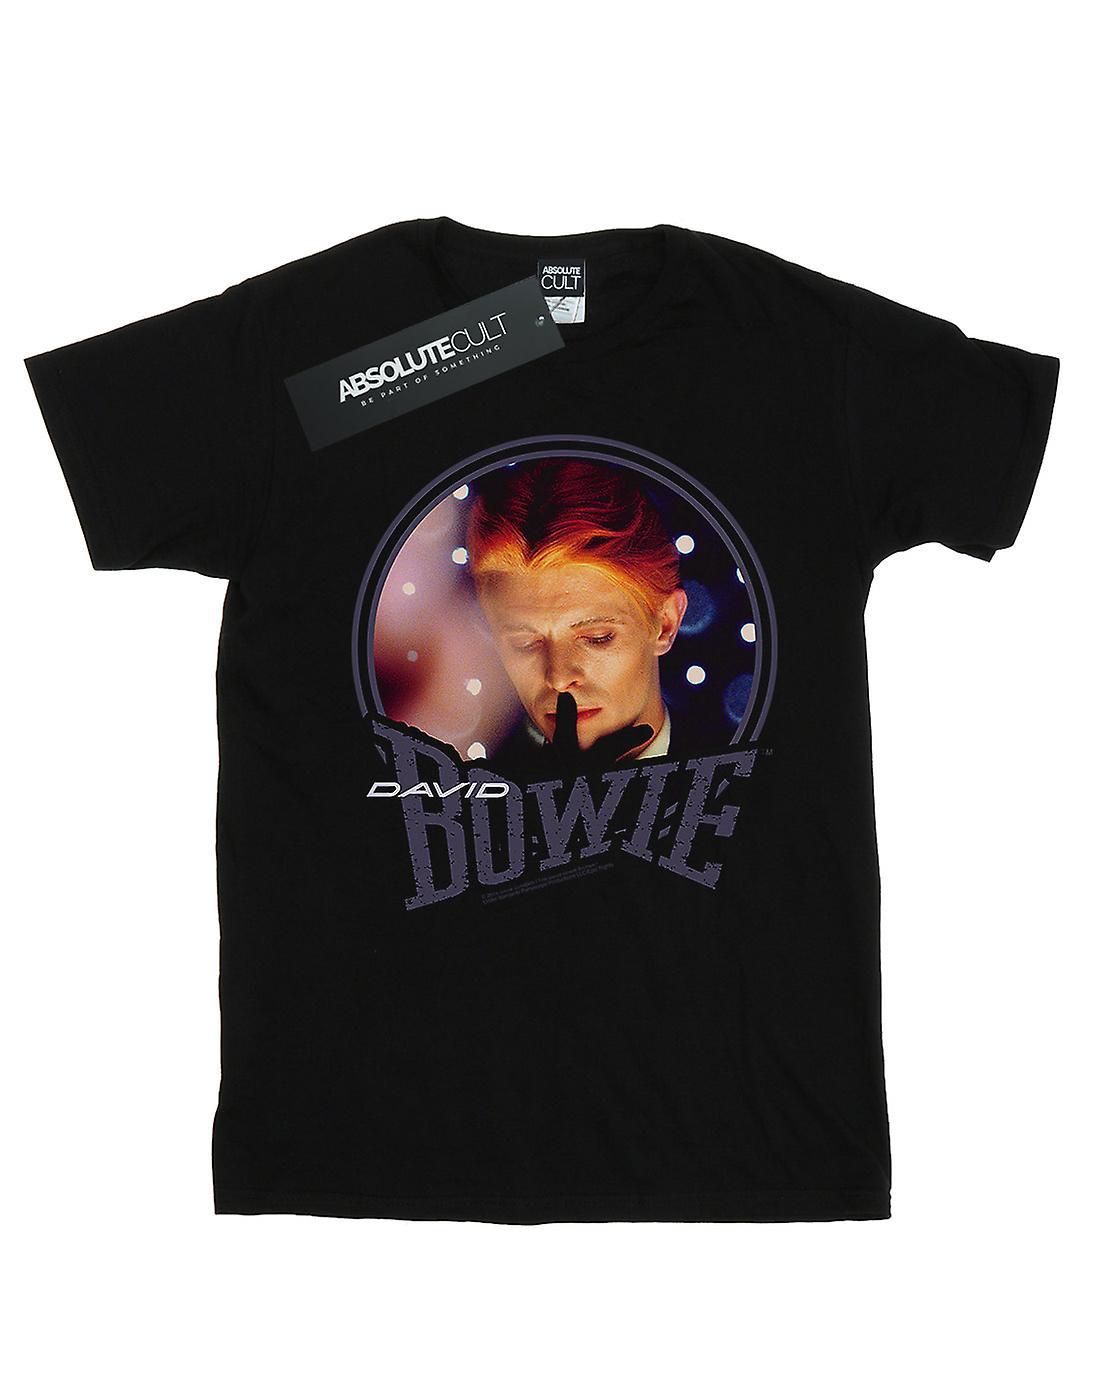 David Bowie Girls Quiet Lights T-Shirt